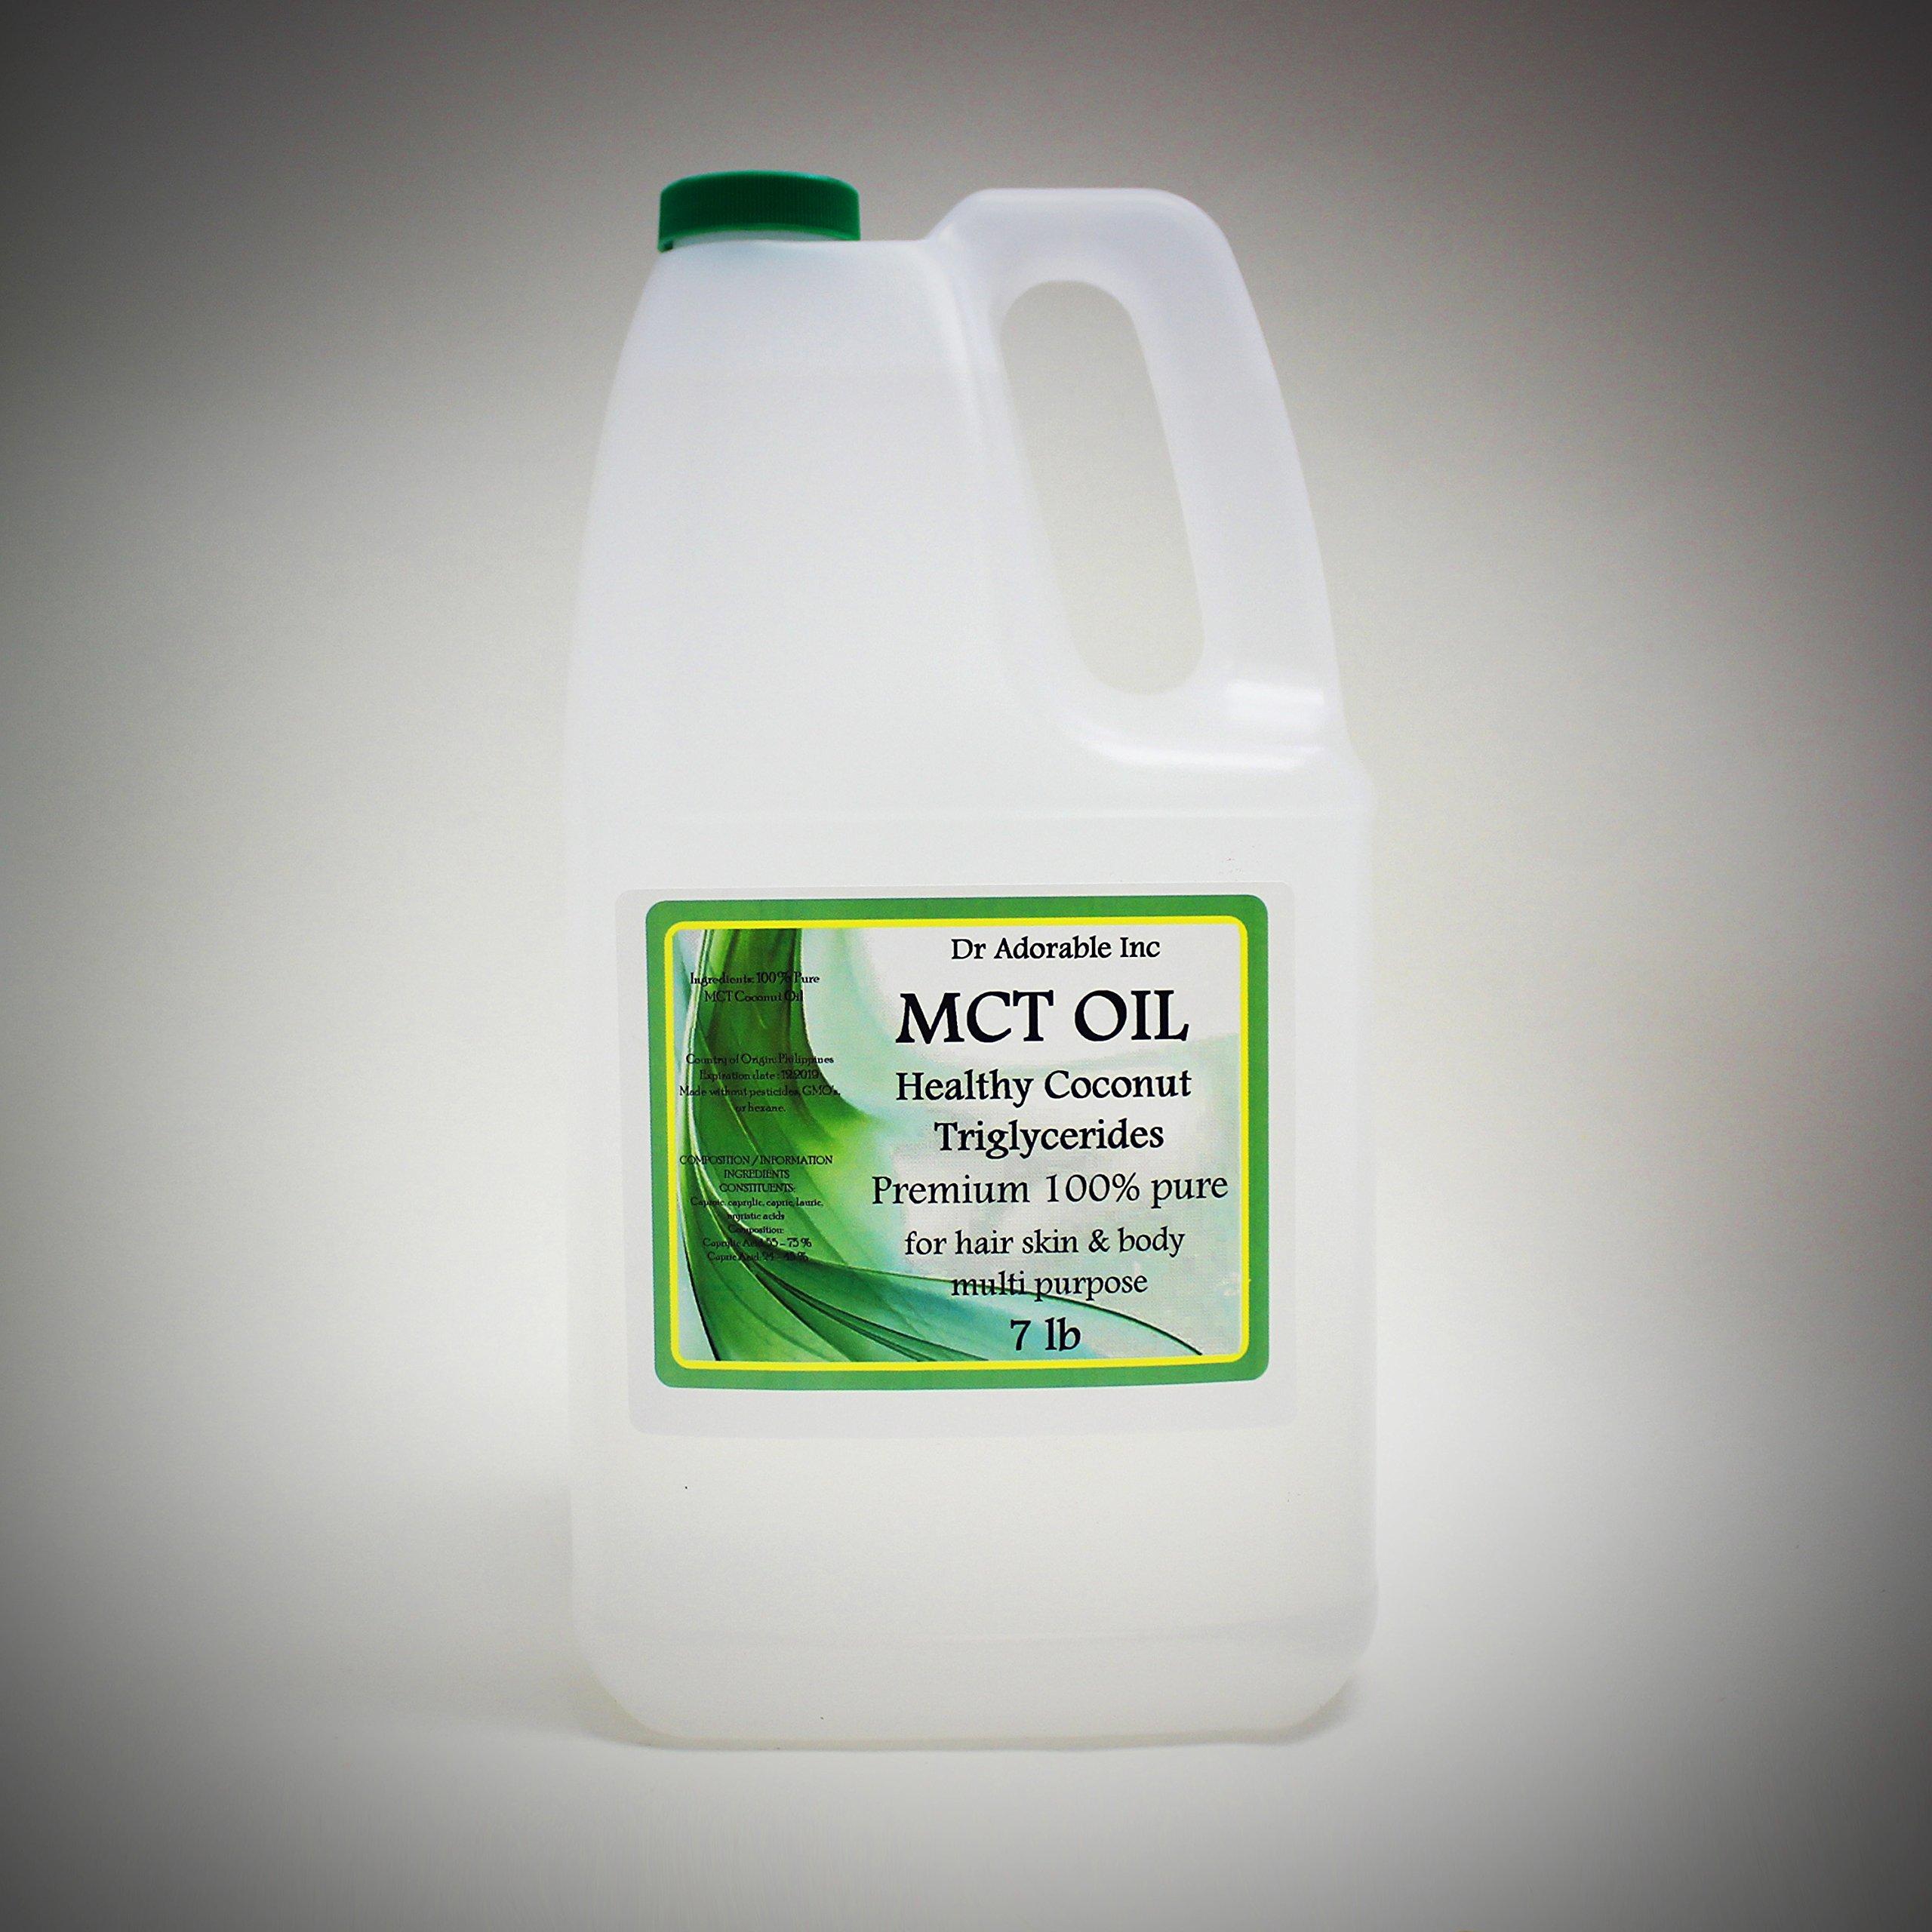 7 Lb Premium MCT Oil derived from Organic Coconut Oil Pure Medium-Chain Triglyceride Gallon